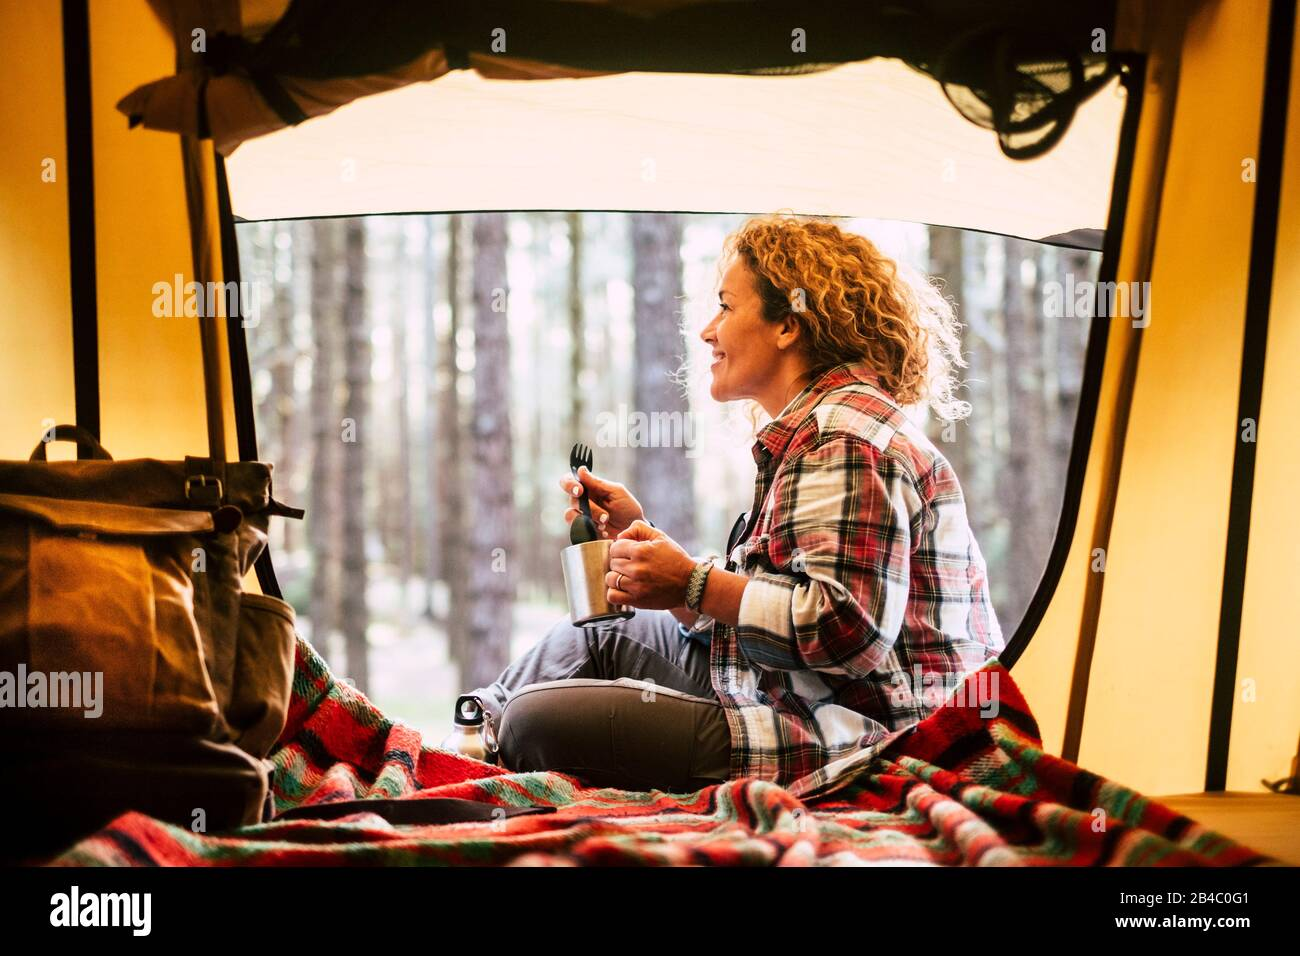 Camping con tienda de campaña y aventura viajes alternativos concepto de vacaciones con gente alegre - hermosa sonrisa rubia adulto y disfrutar de la naturaleza al aire libre alrededor del bosque sentarse cerca de una mochila y beber café Foto de stock